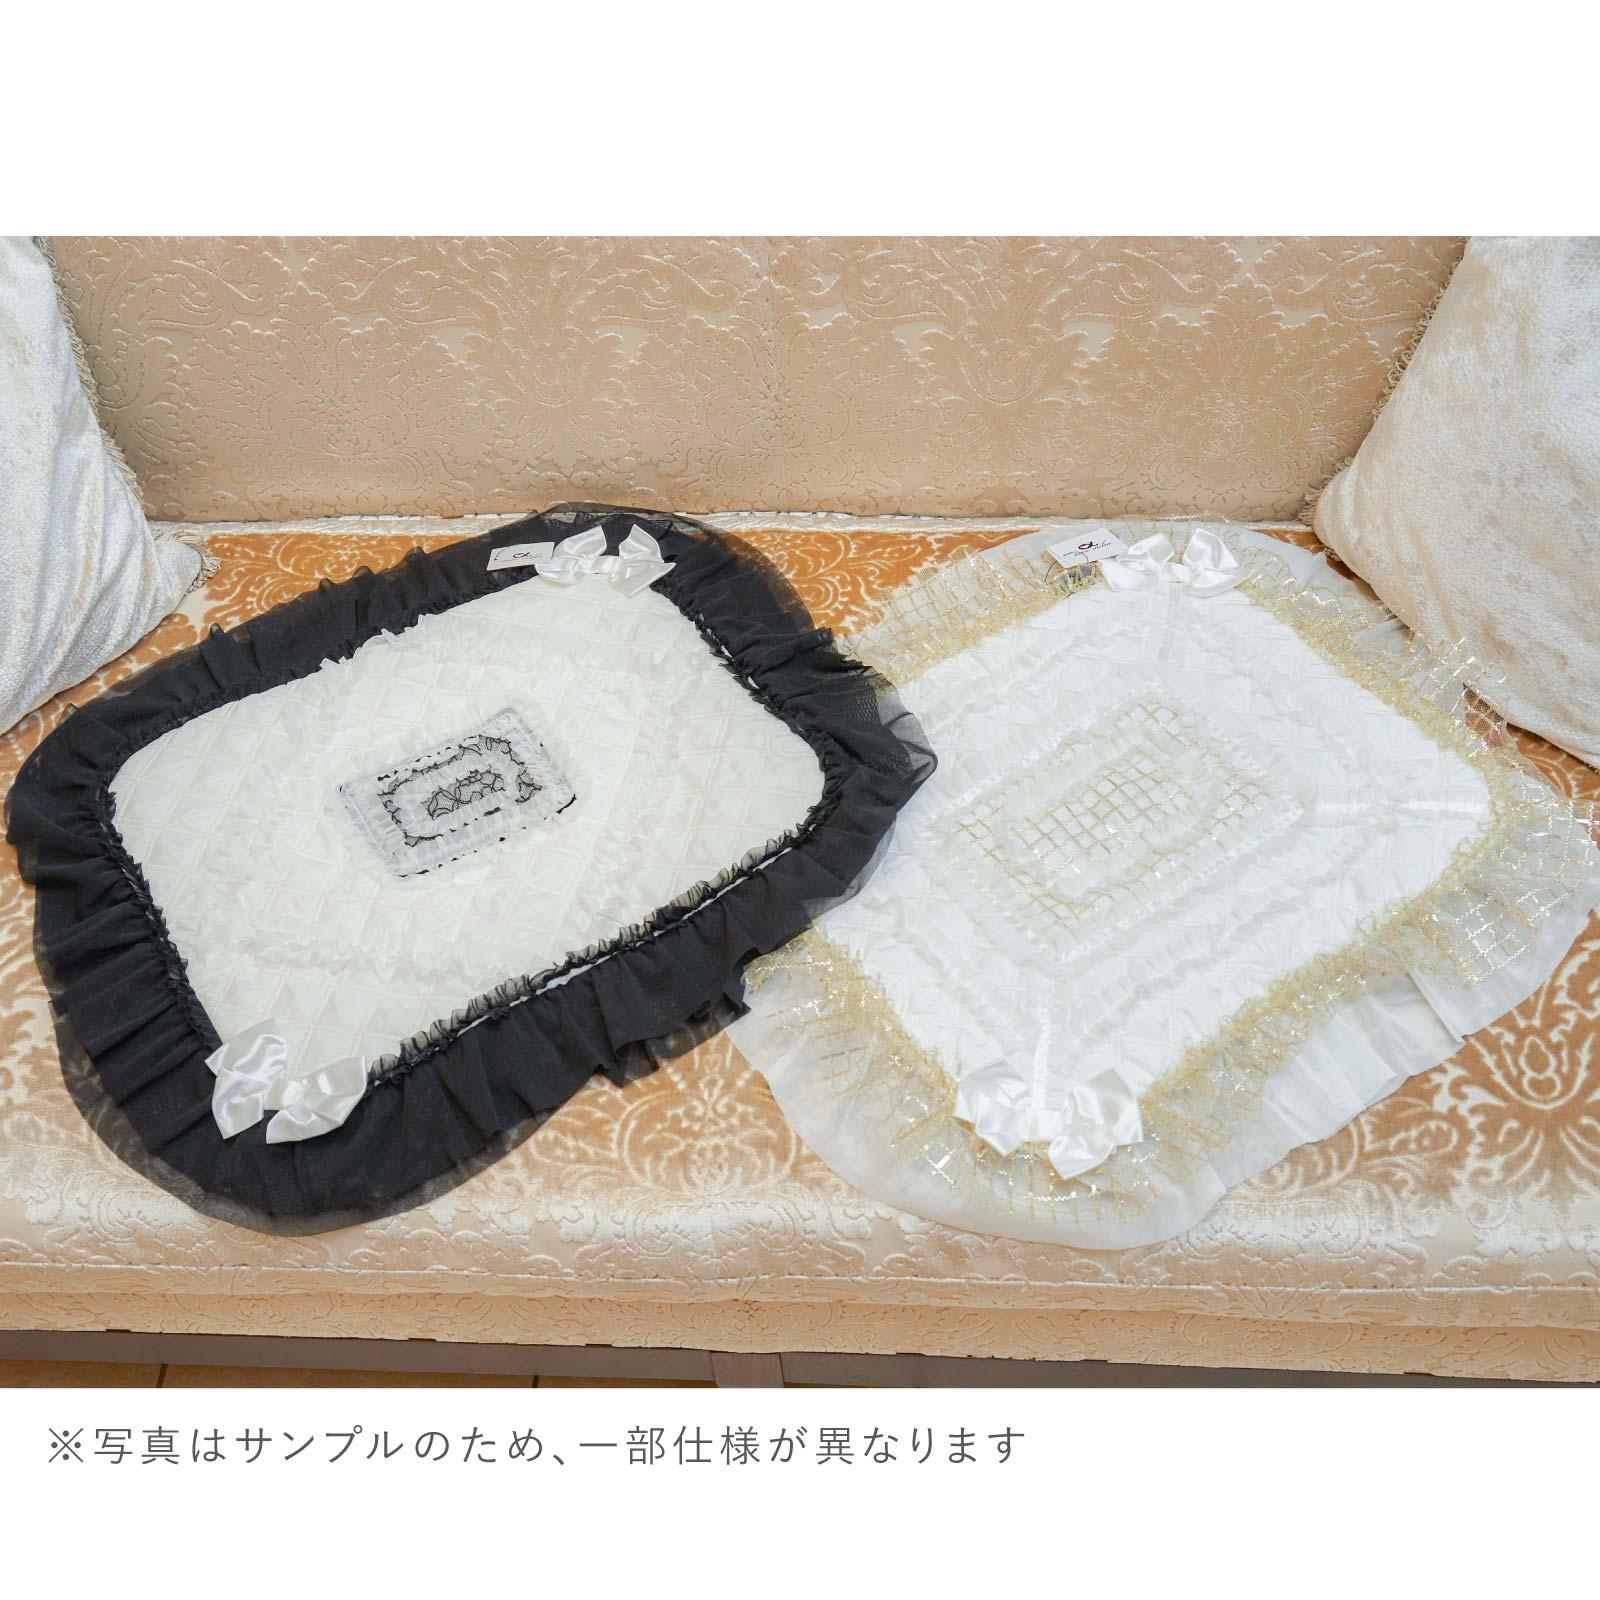 モノトーン【ブラック&ホワイト】ミラクルカフェマット